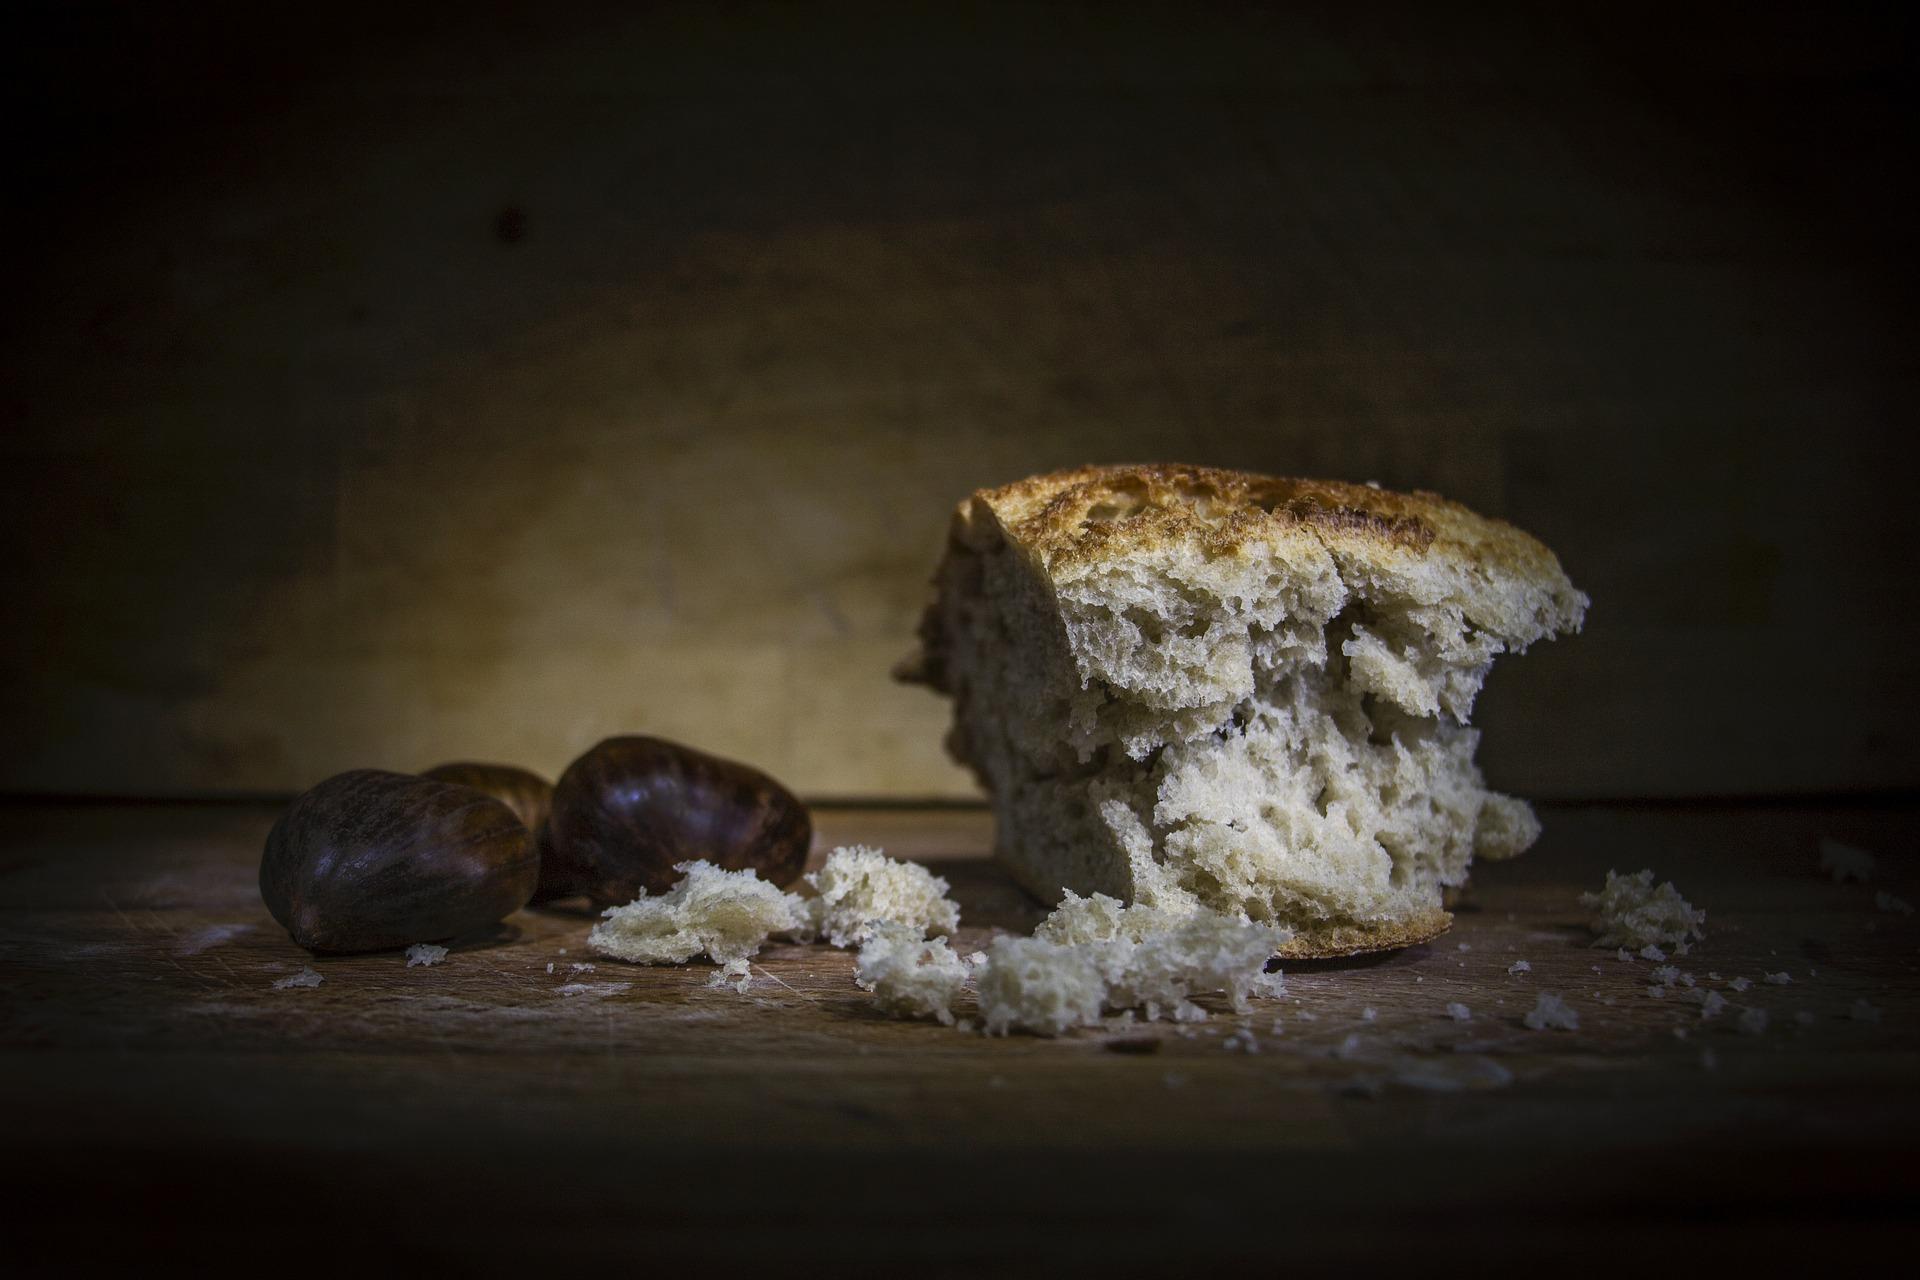 bread-1750987_1920 (1)